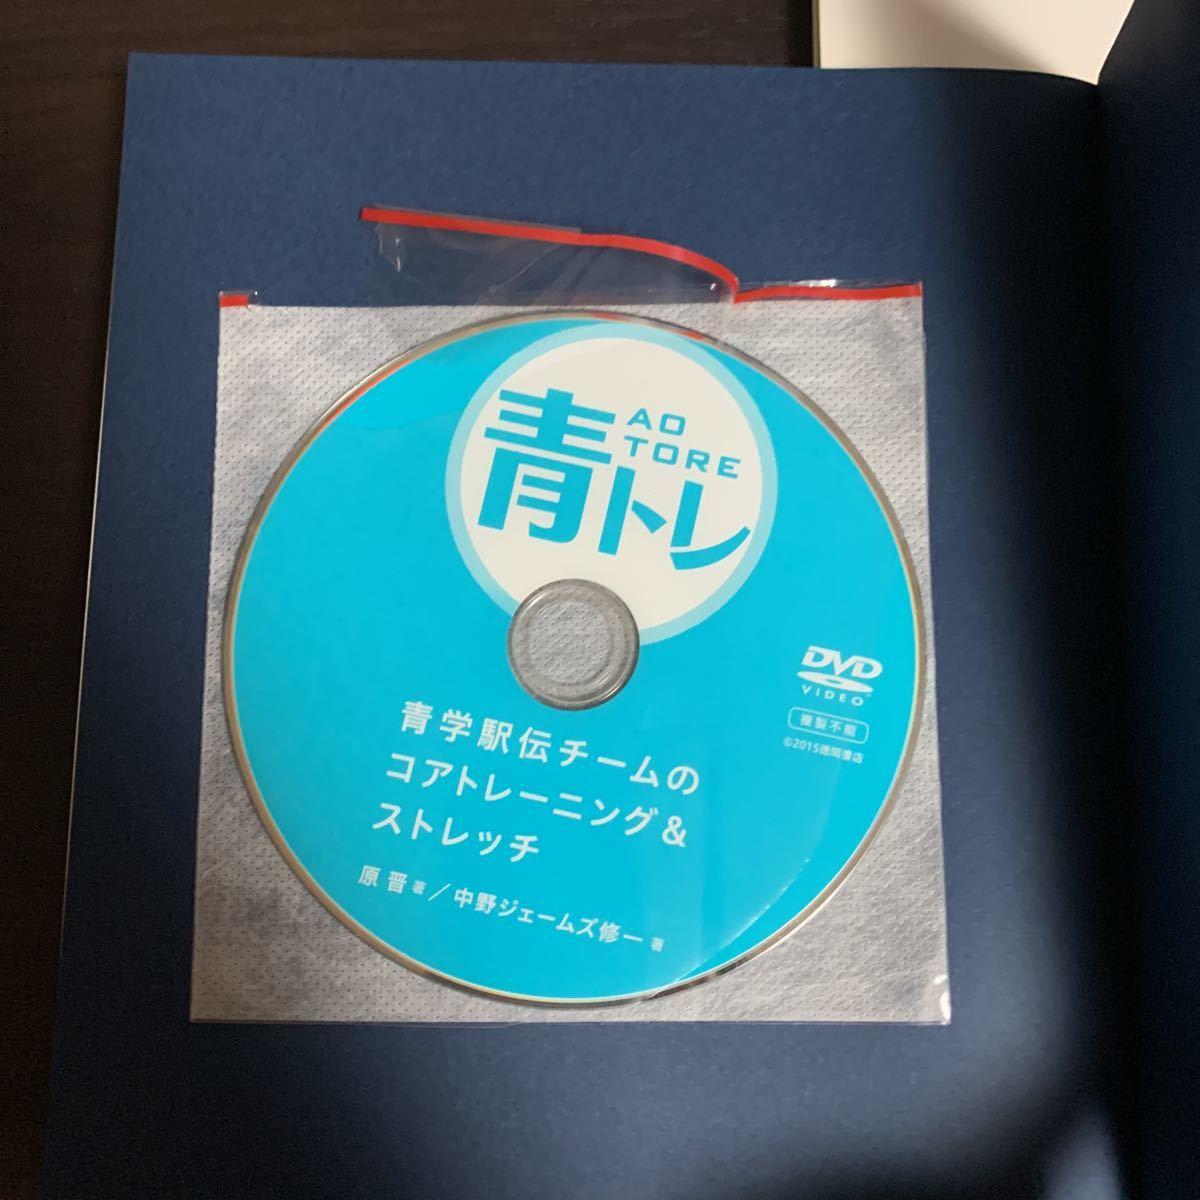 中野ジェームズ修一氏の本3冊 青トレ 動的ストレッチ 子供の運動神経をグングン伸ばす_画像9